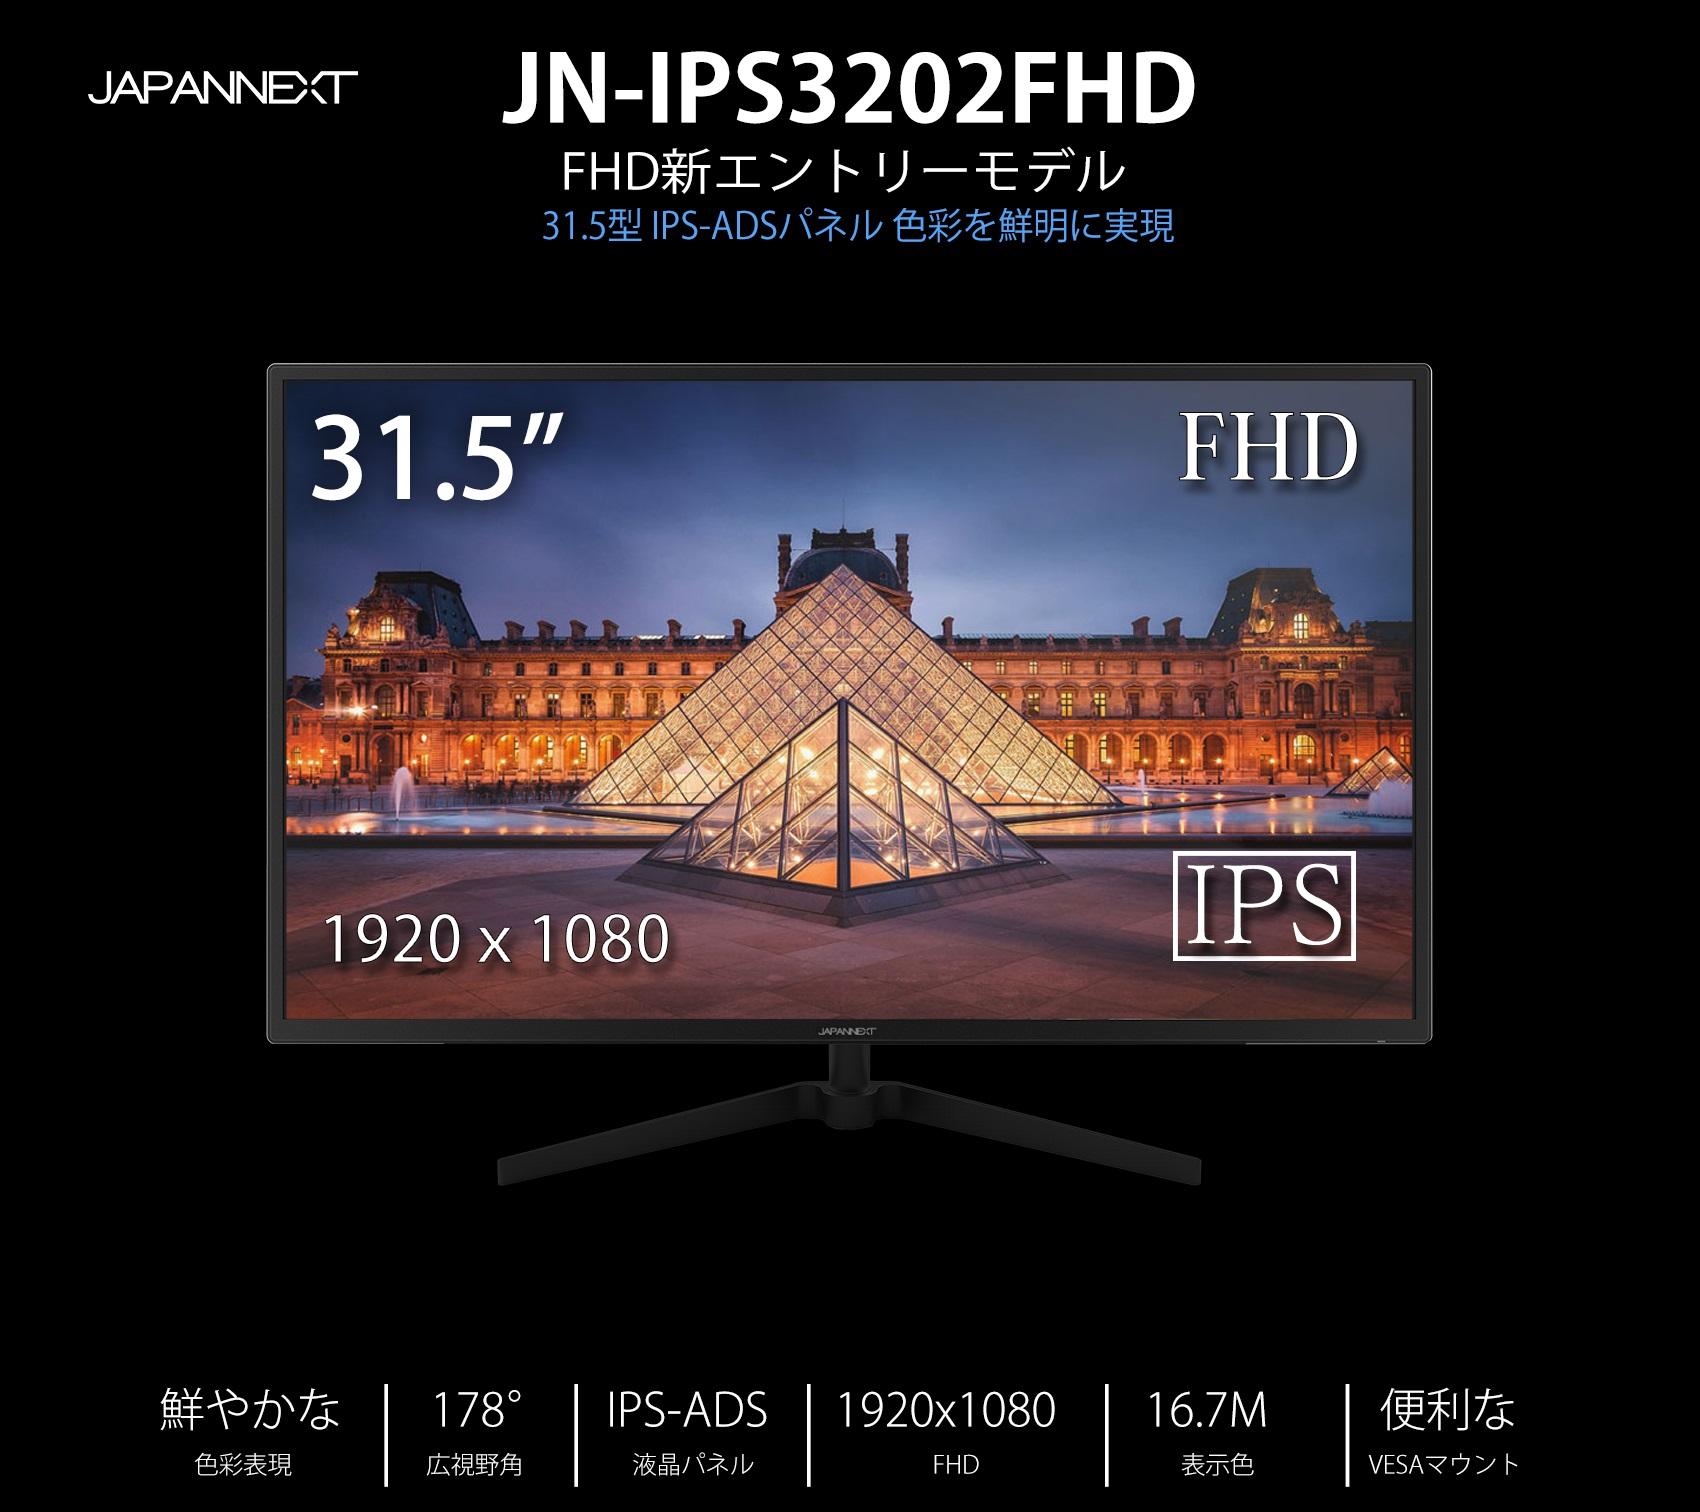 鮮やかな 色彩表現 178°広視野角 IPS-ADS 液晶パネル 1920x1080 FHD解像度 アルミ製フレーム 1.07Billion 色パネル搭載 srgb 100%対応パネル